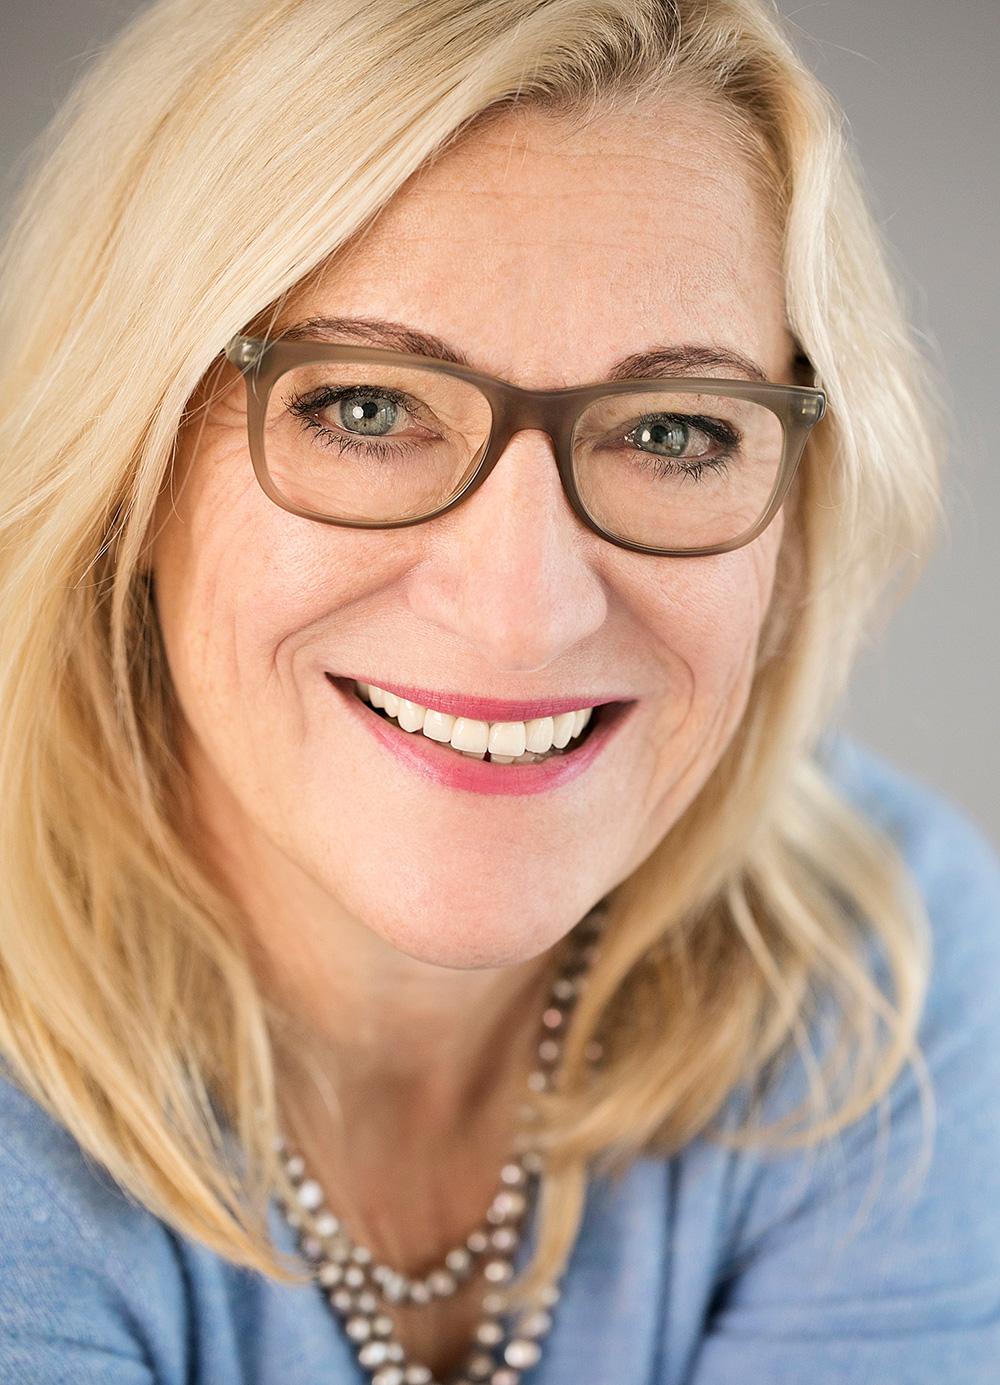 Angelika Blumroth